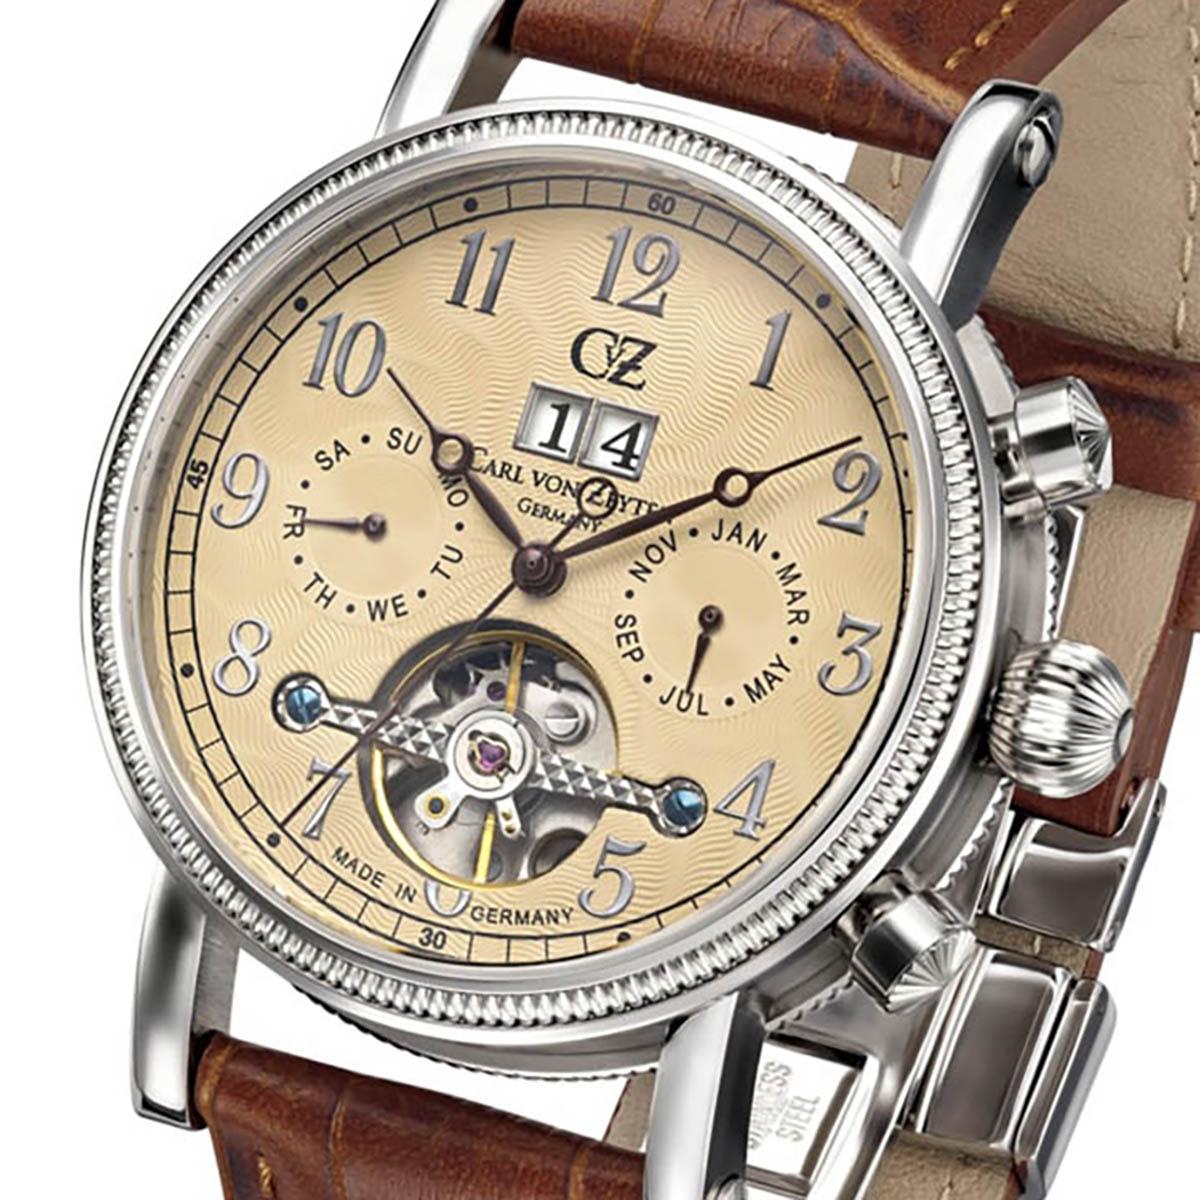 Carl von Zeyten カール・フォン・ツォイテン 自動巻き(手巻き機能あり) 腕時計 [CvZ0028CR] 正規品  カレンダー